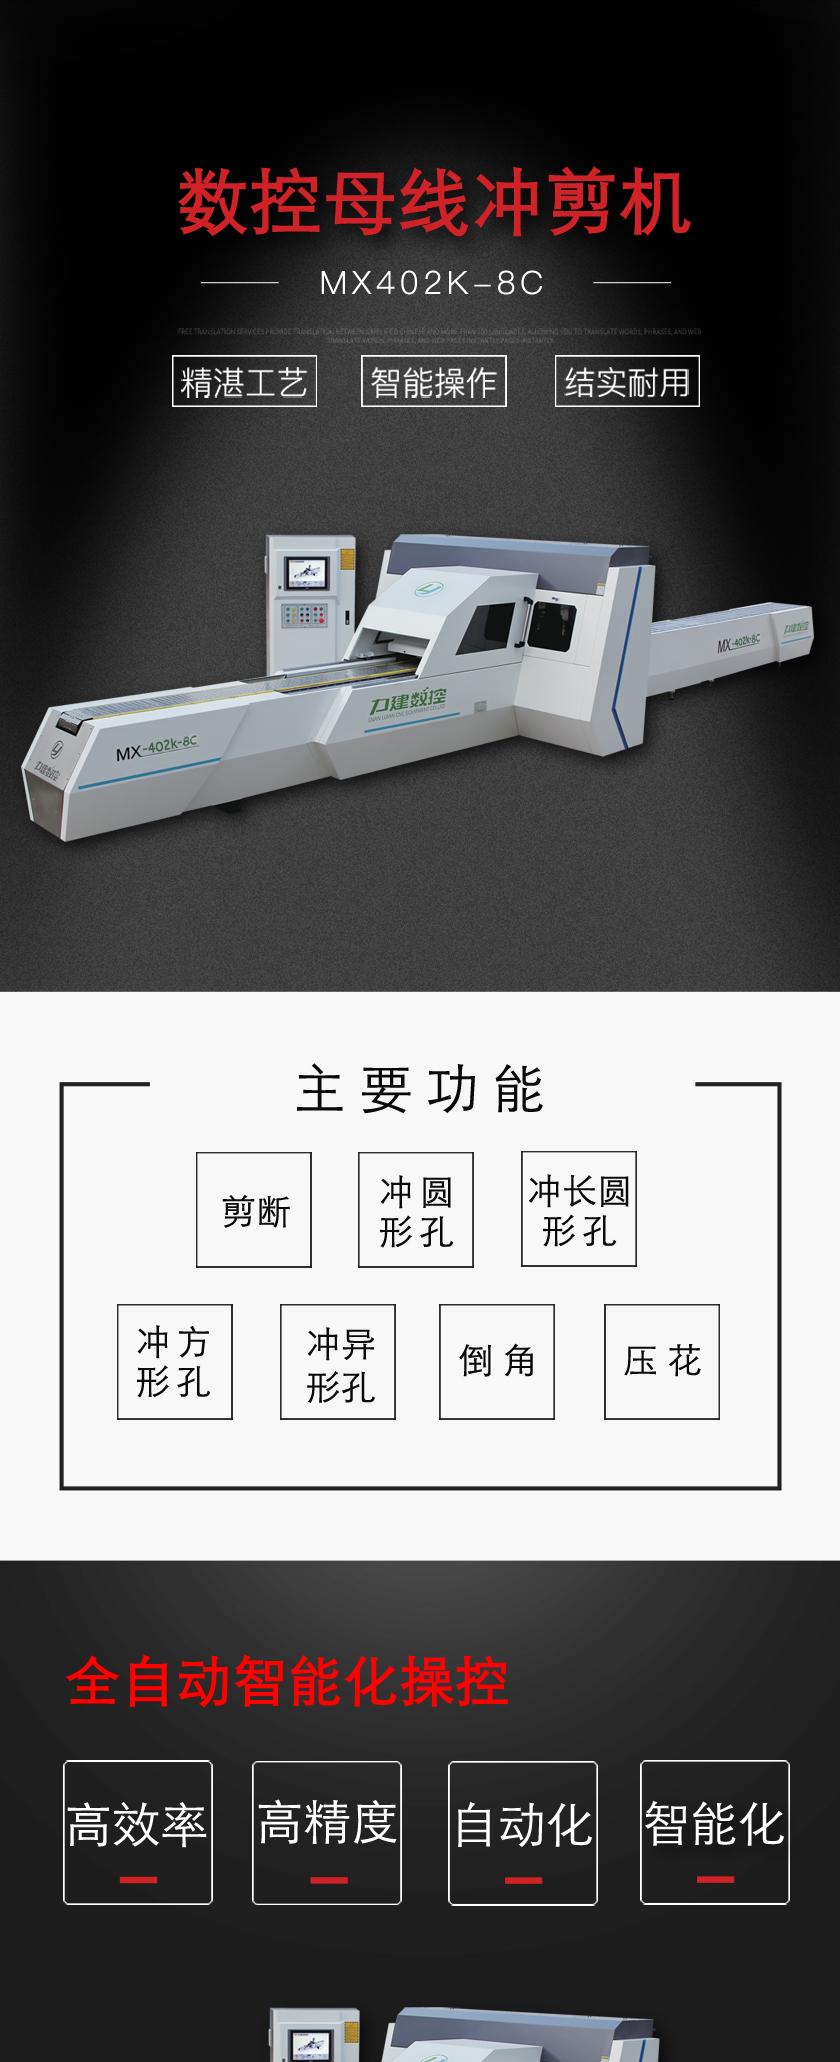 MX402K-8C数控铜排冲剪机